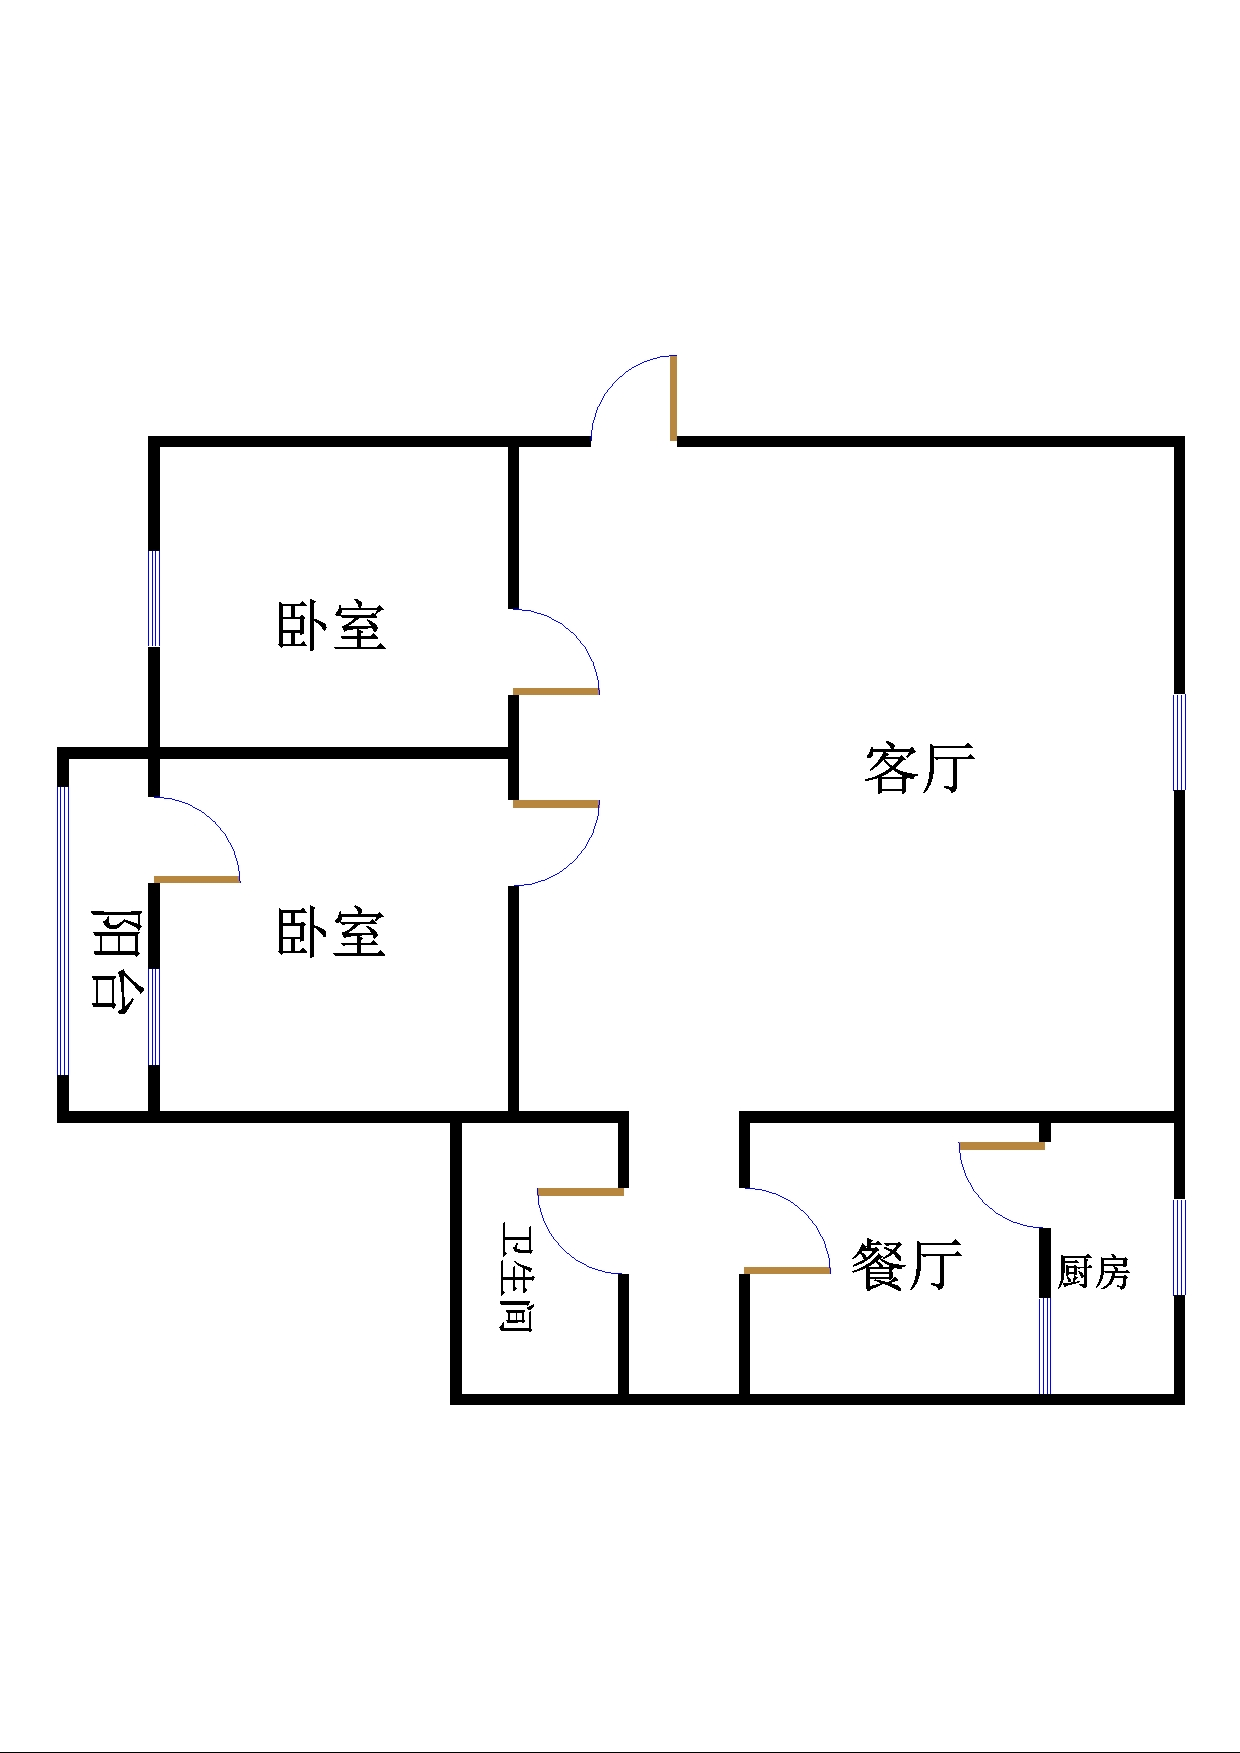 鸿运小区 2室1厅 3楼